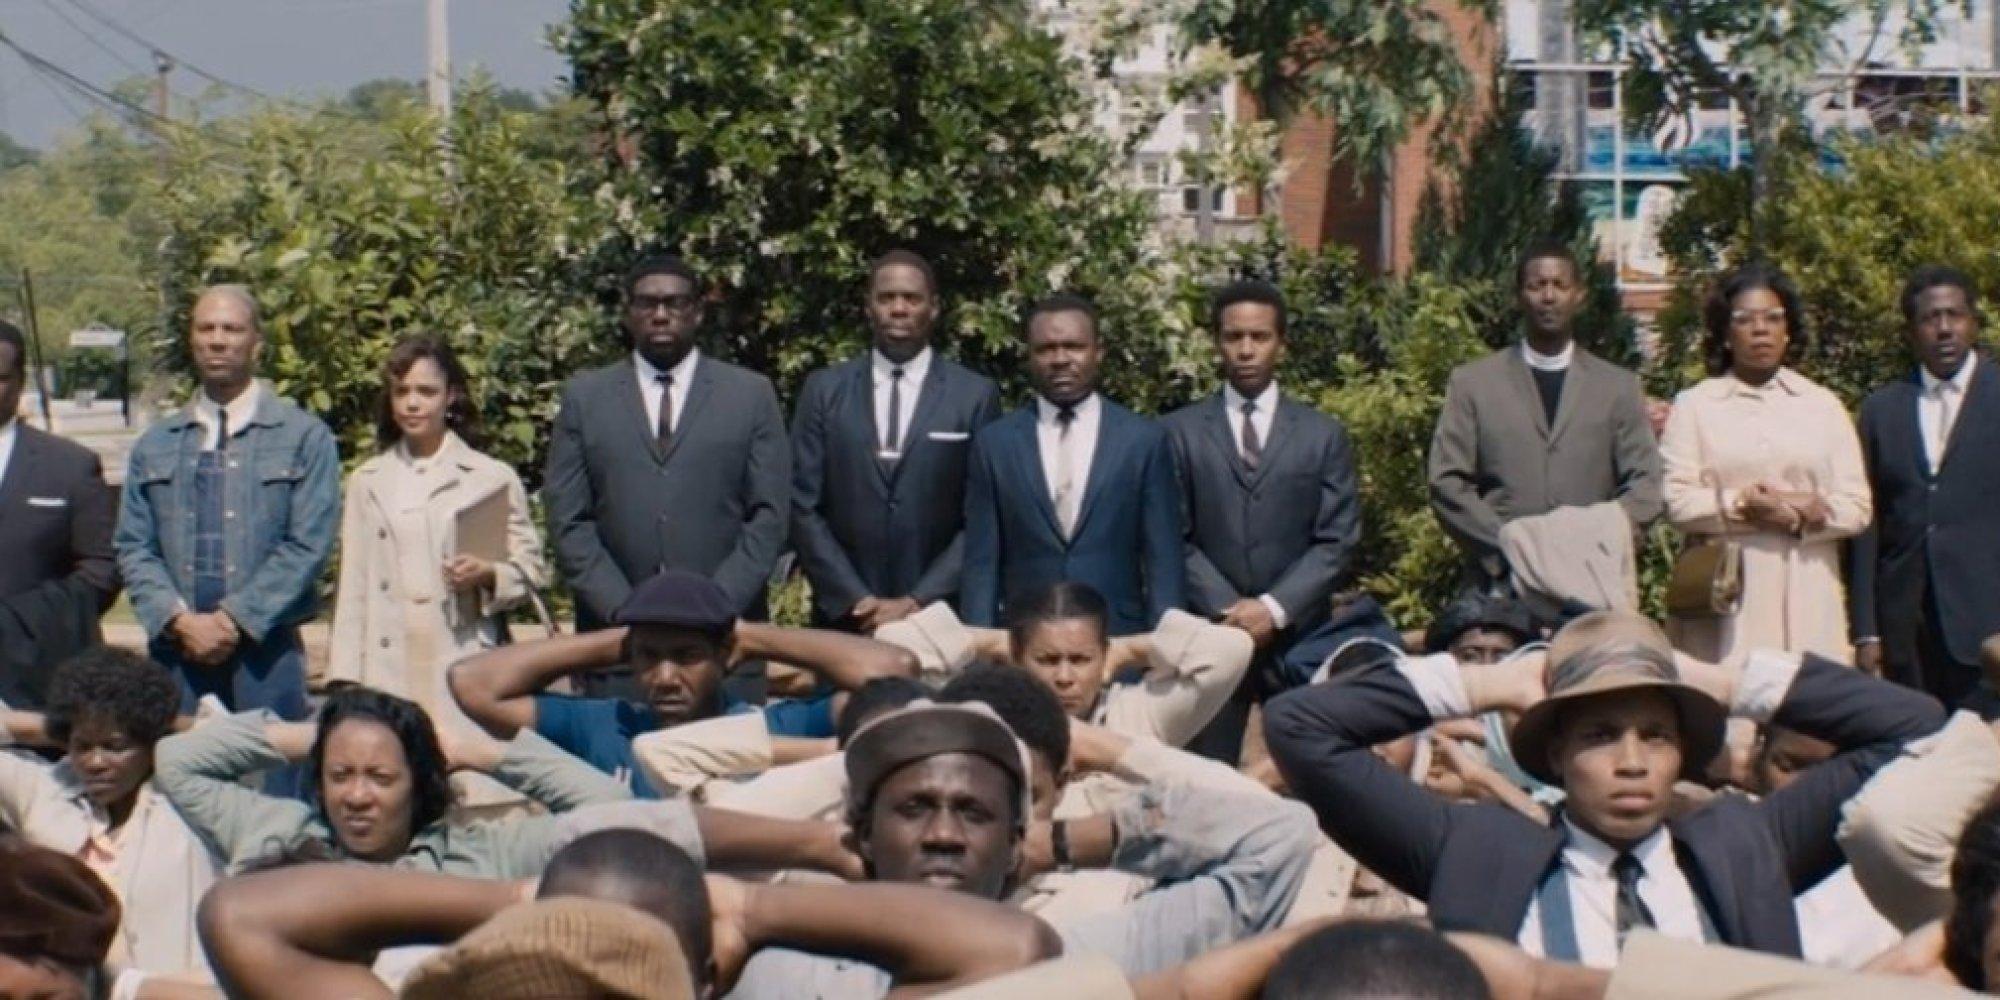 Selma | Movie Review and Analysis